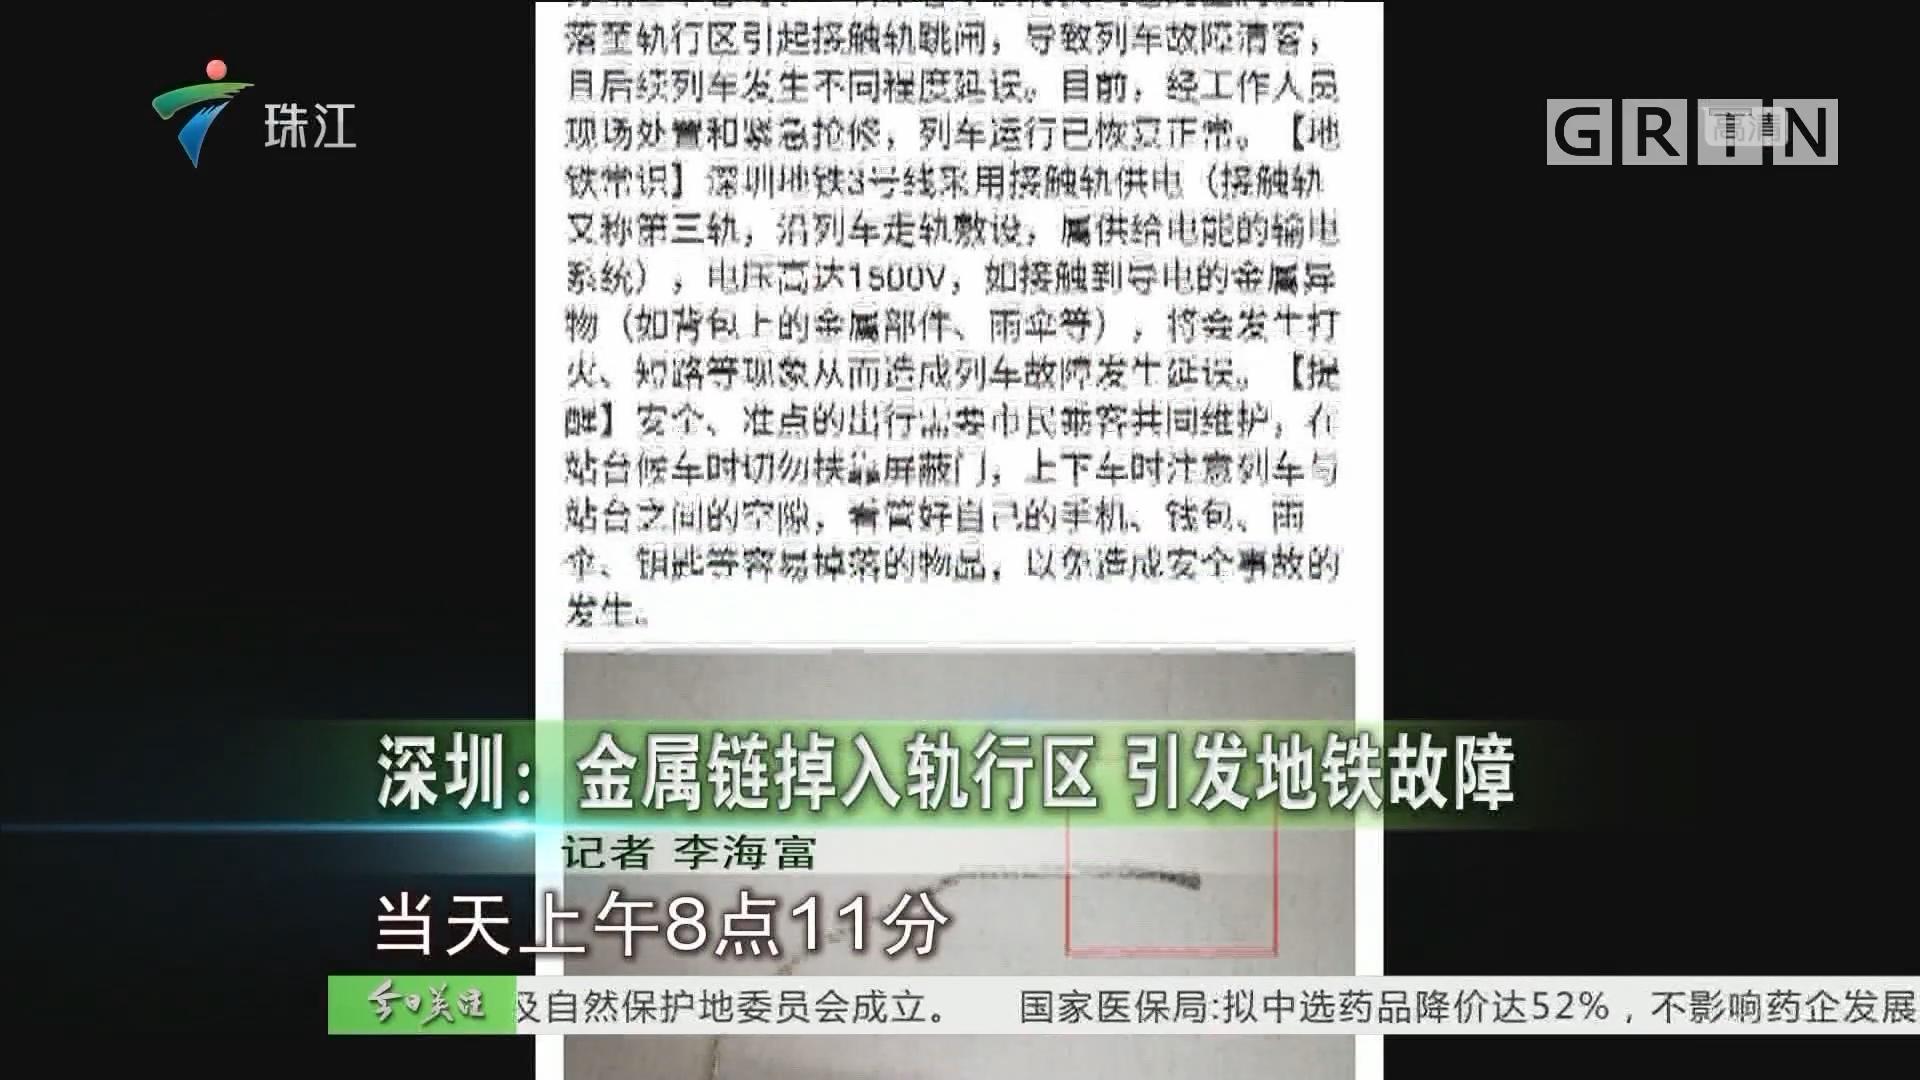 深圳:金属链掉入轨行区 引发地铁故障